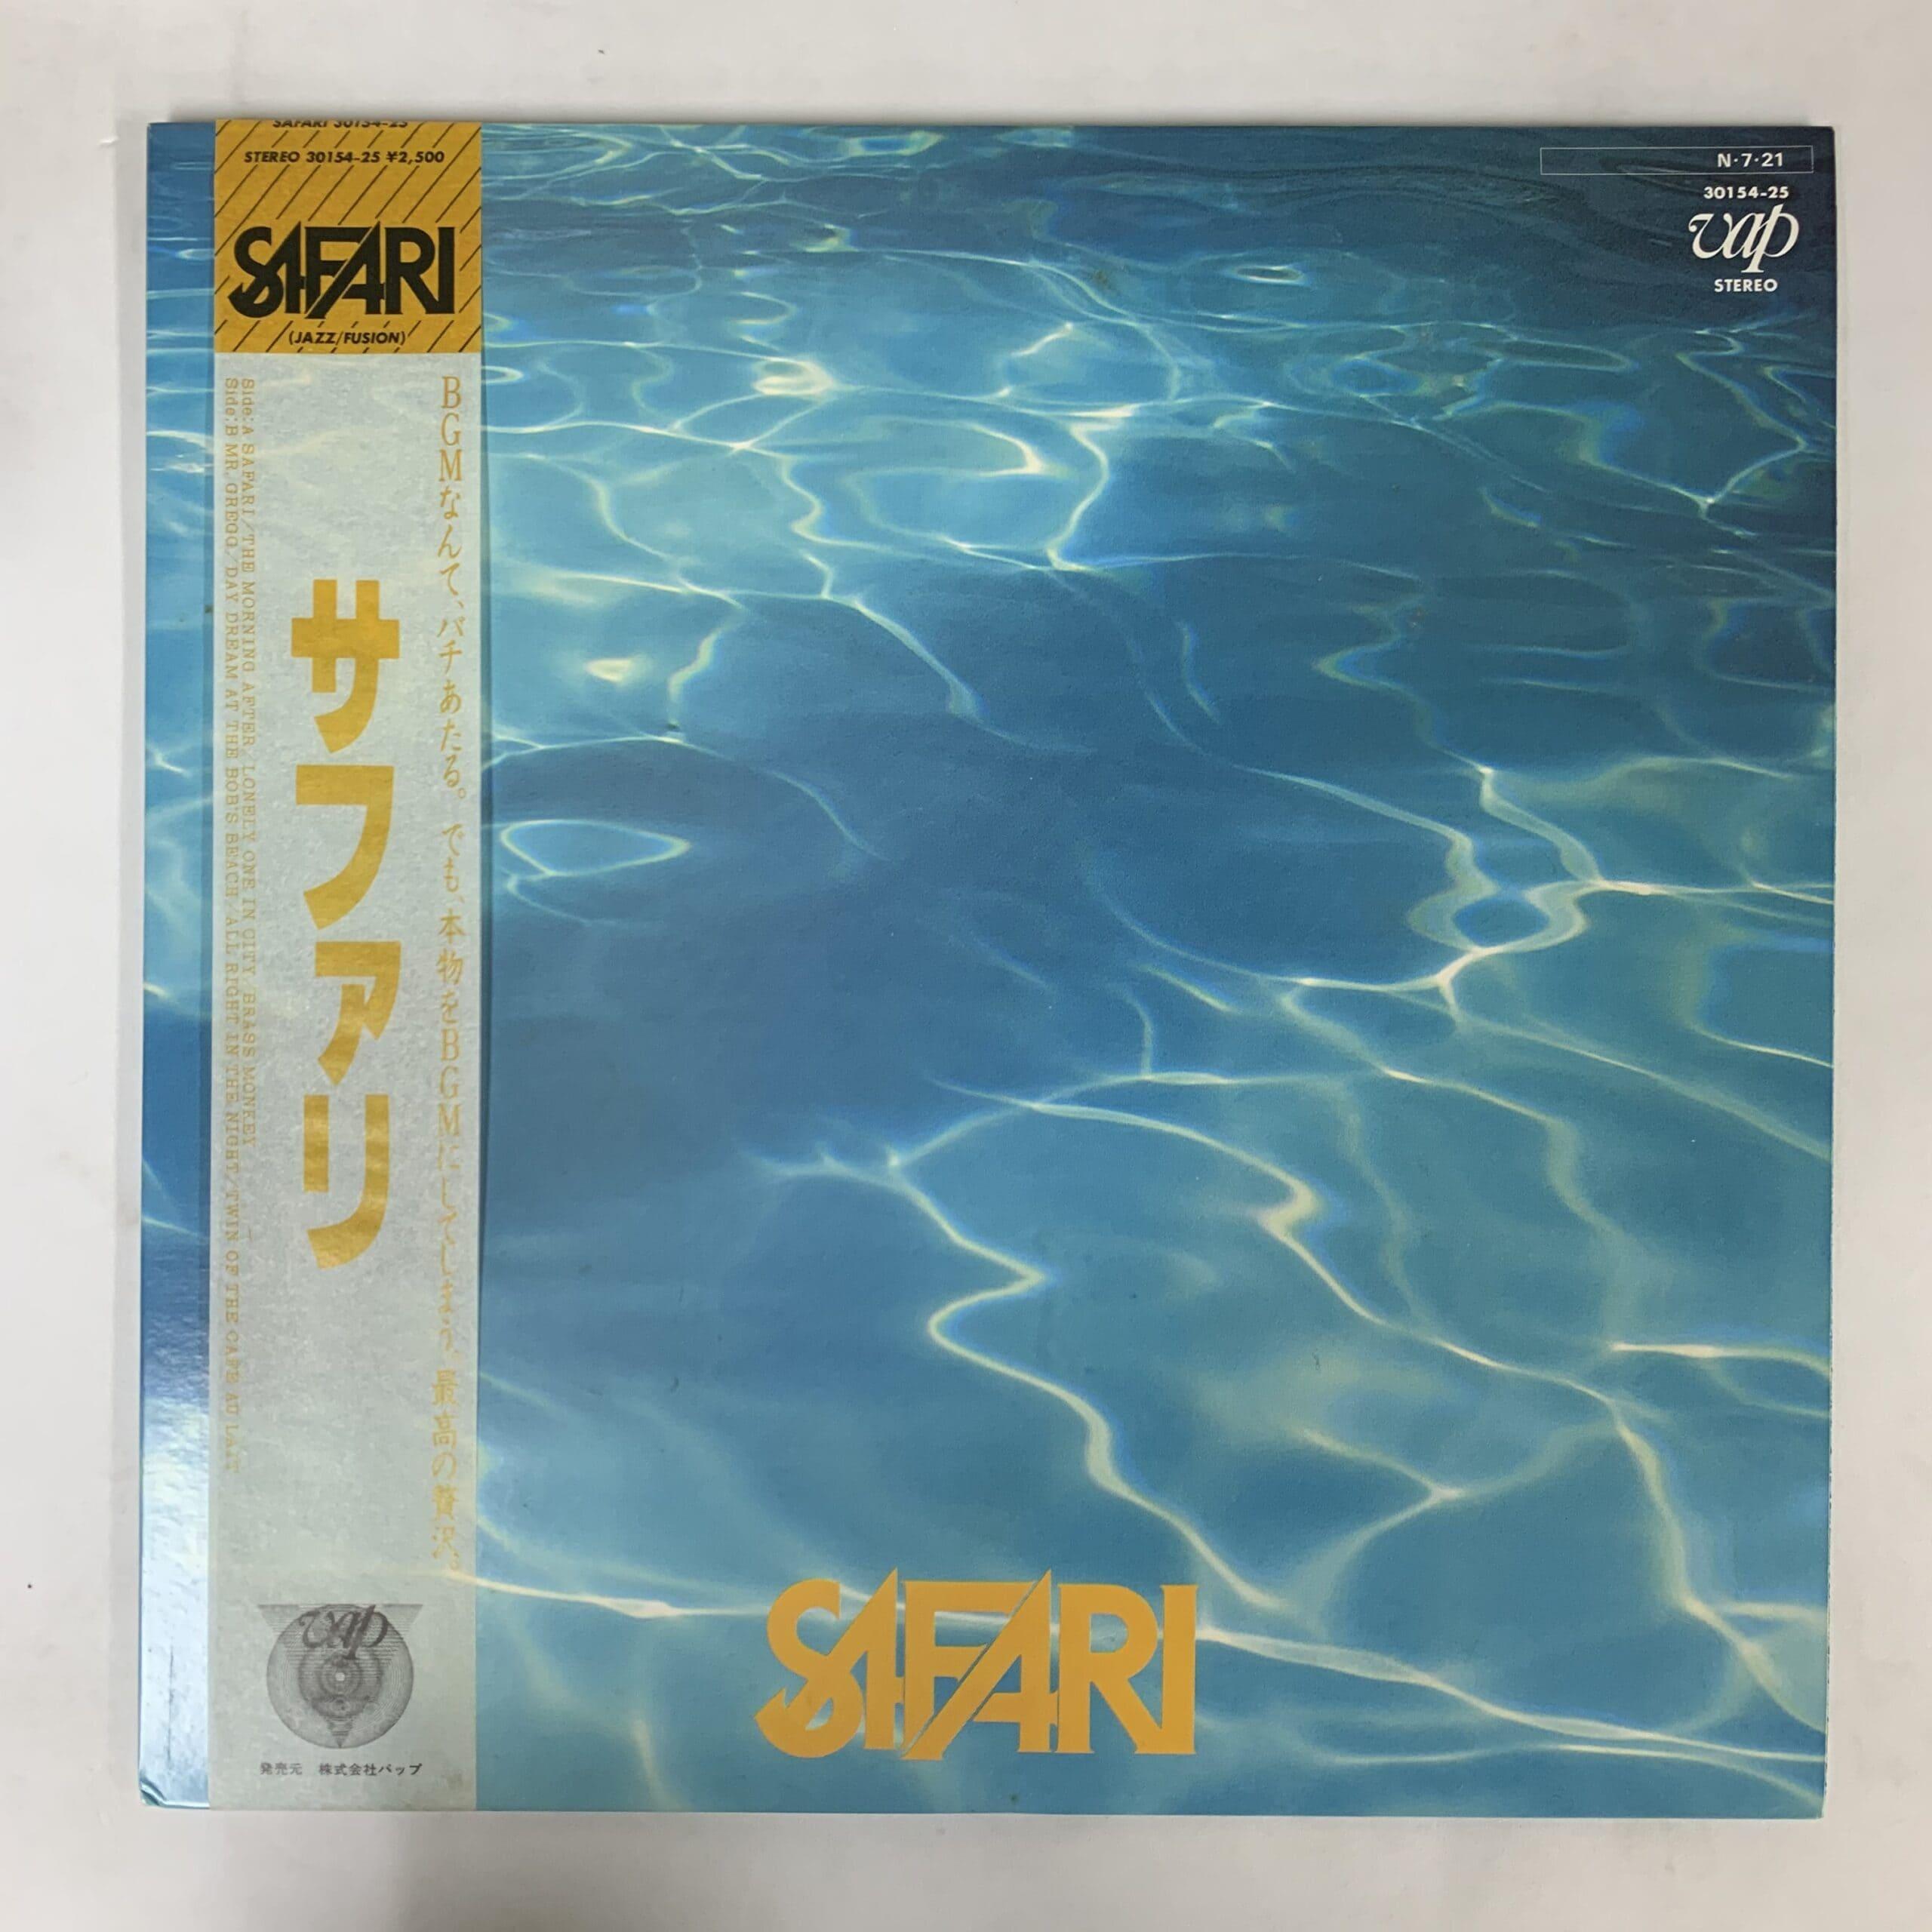 サファリ / Safari / 30154-25 / 帯付